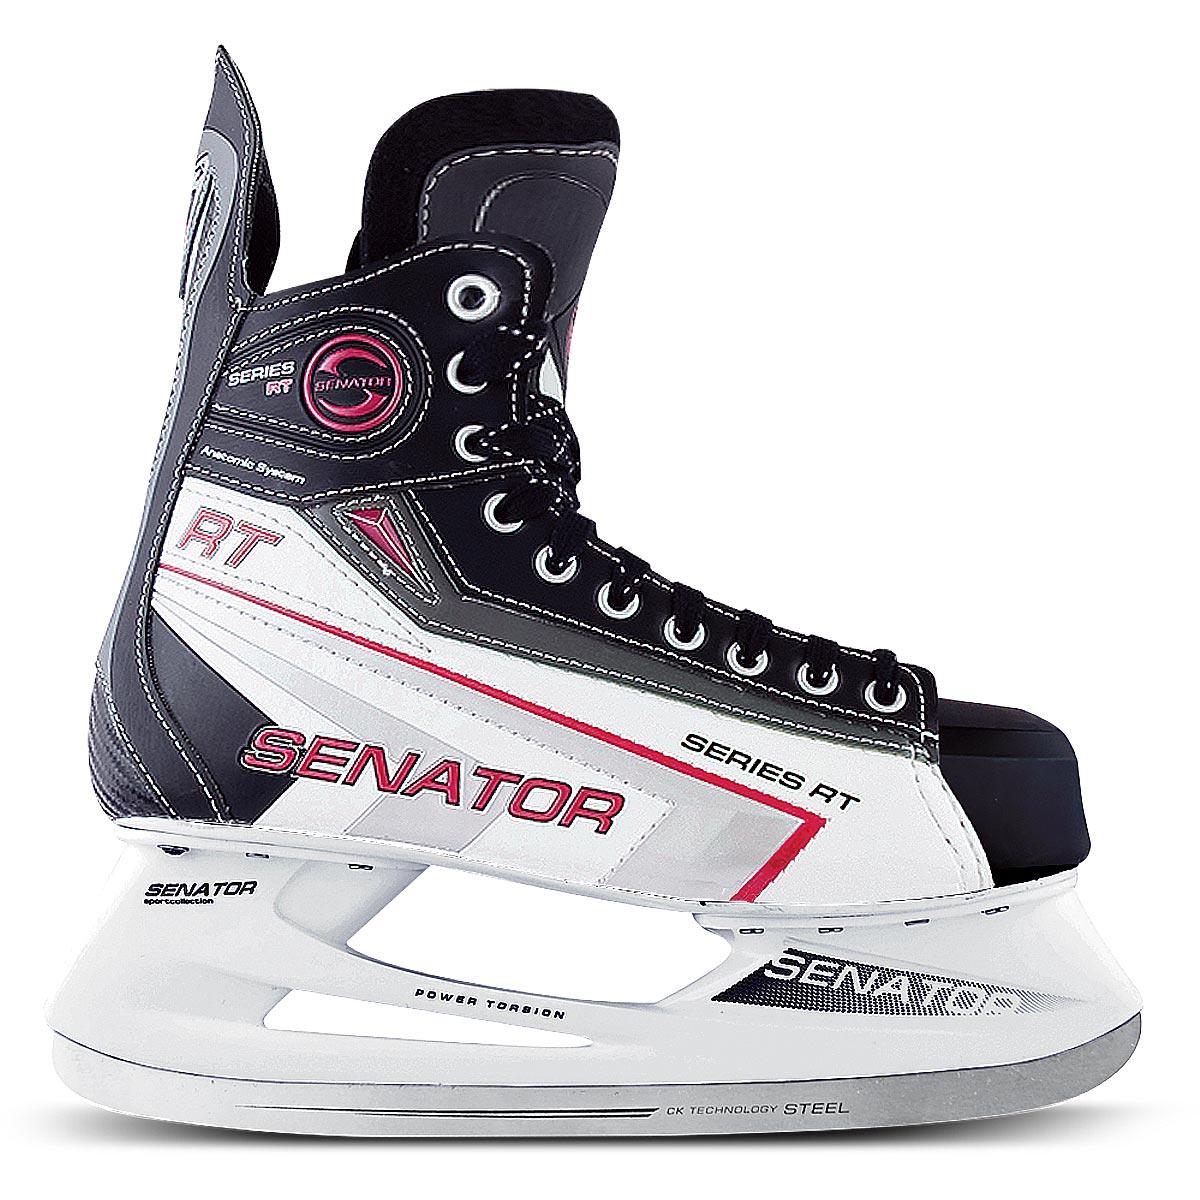 Коньки хоккейные мужские СК Senator RT, цвет: черный, белый. Размер 42